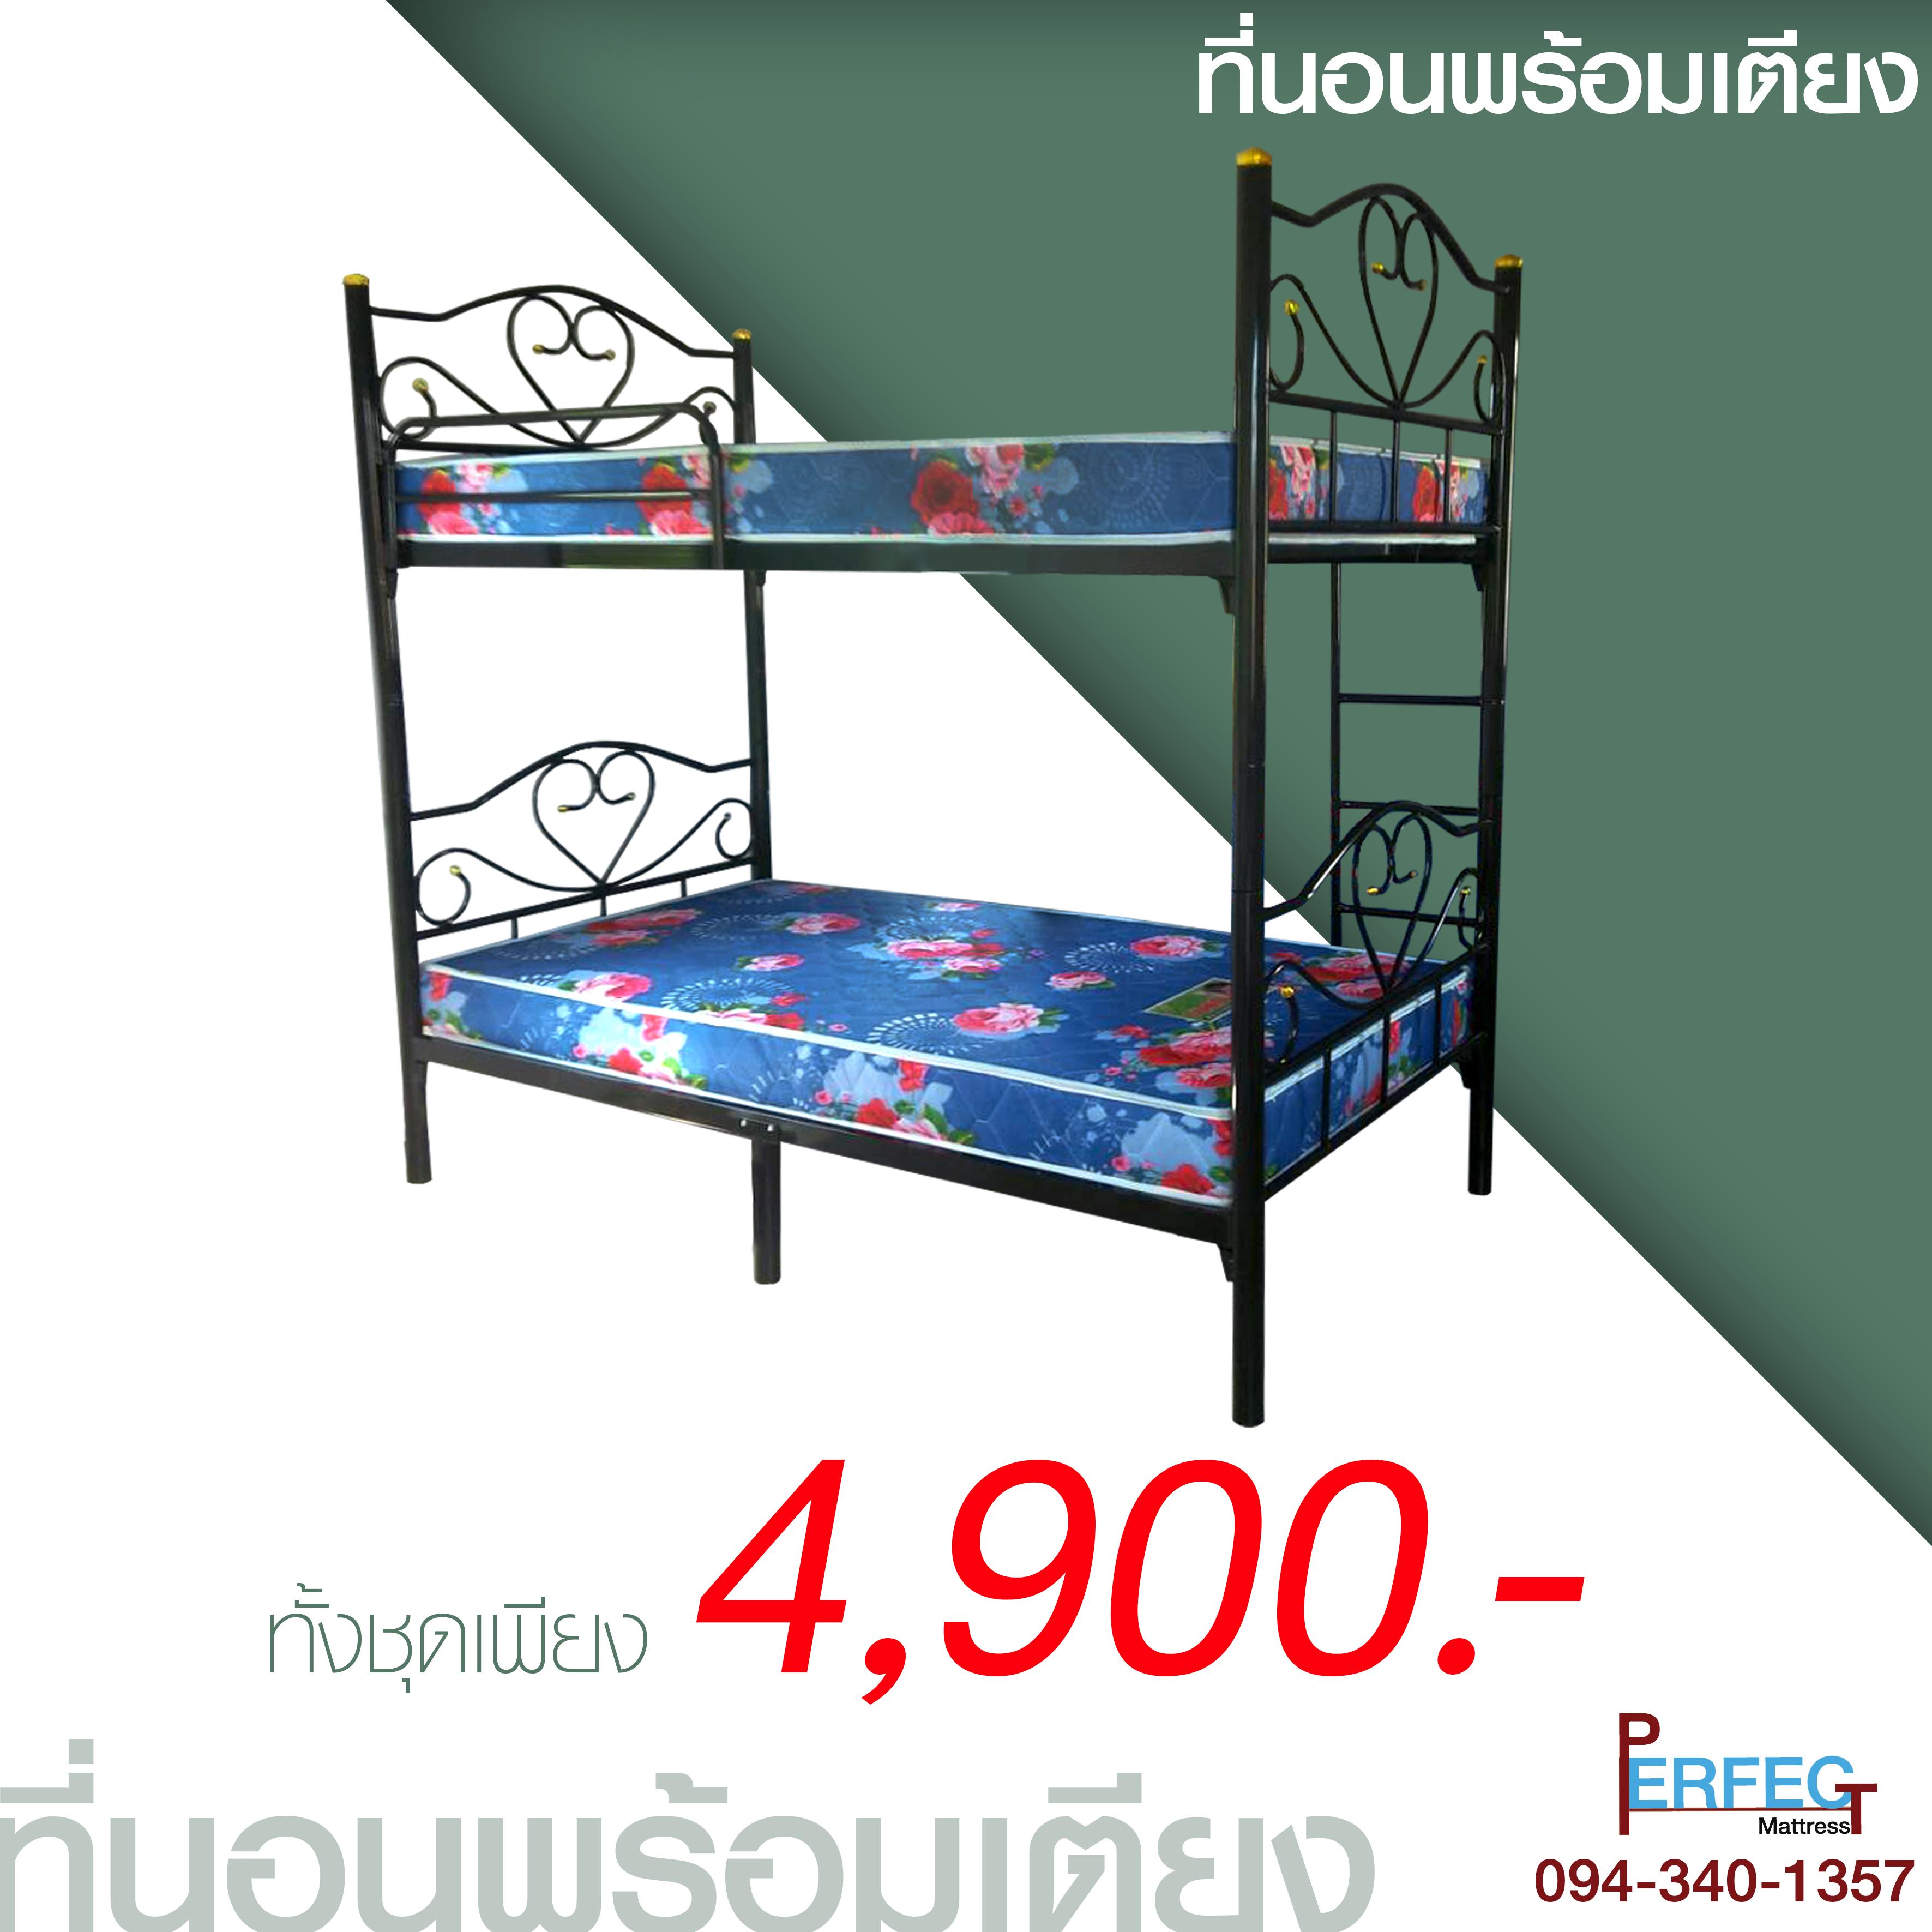 เตียงเหล็ก 2 ชั้นพร้อมที่นอน